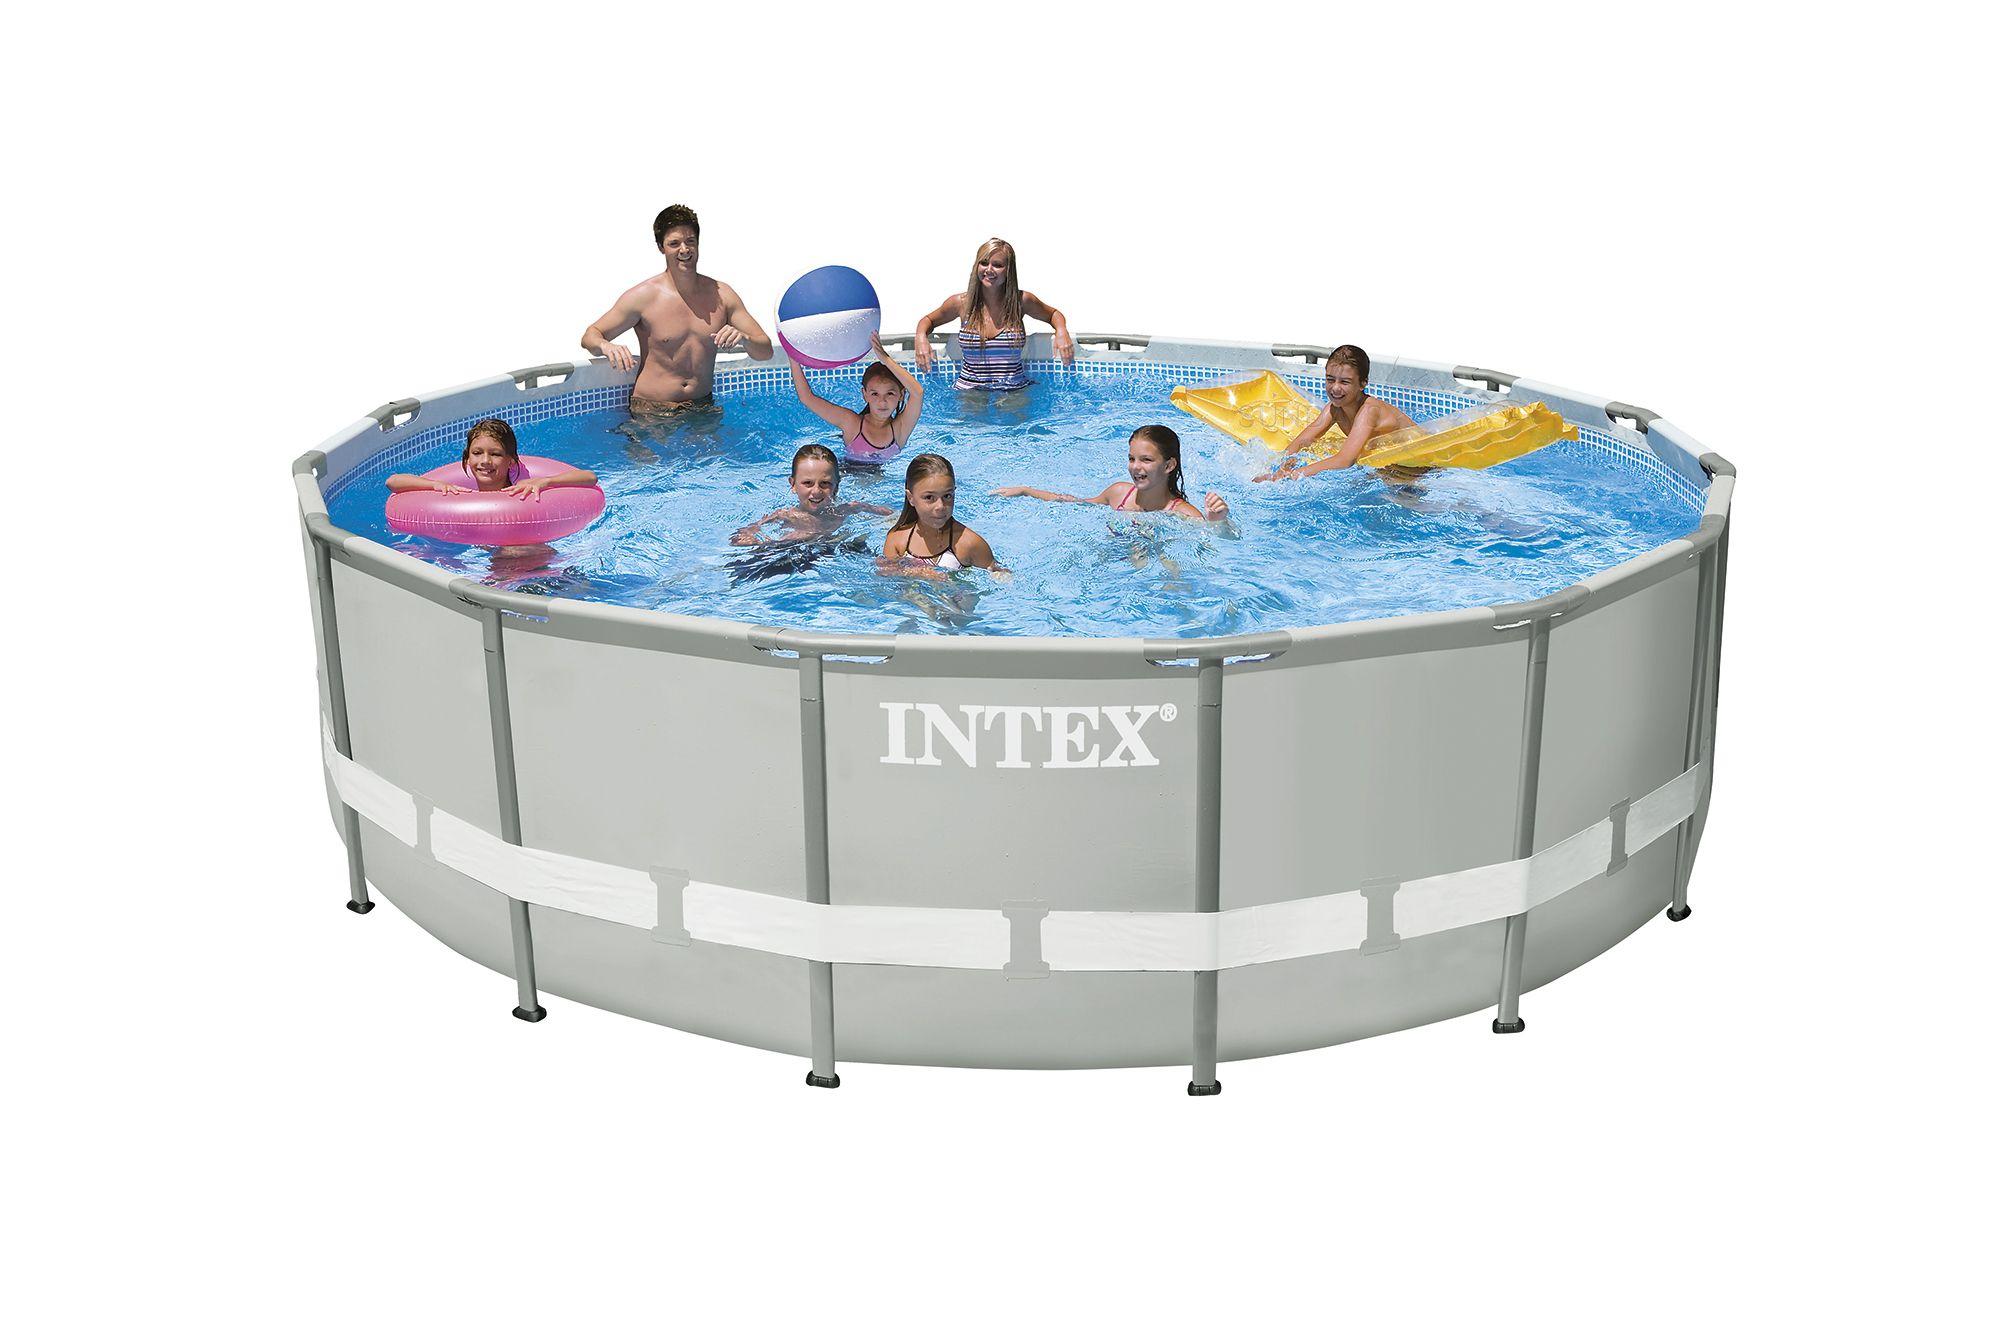 Каркасный бассейн Intex Ultra Frame 28328 488х122 см + фильтр-насос с хлоргенератором, картриджный фильтр, набор для ручной чистки, лестница, подстилка, покрывало